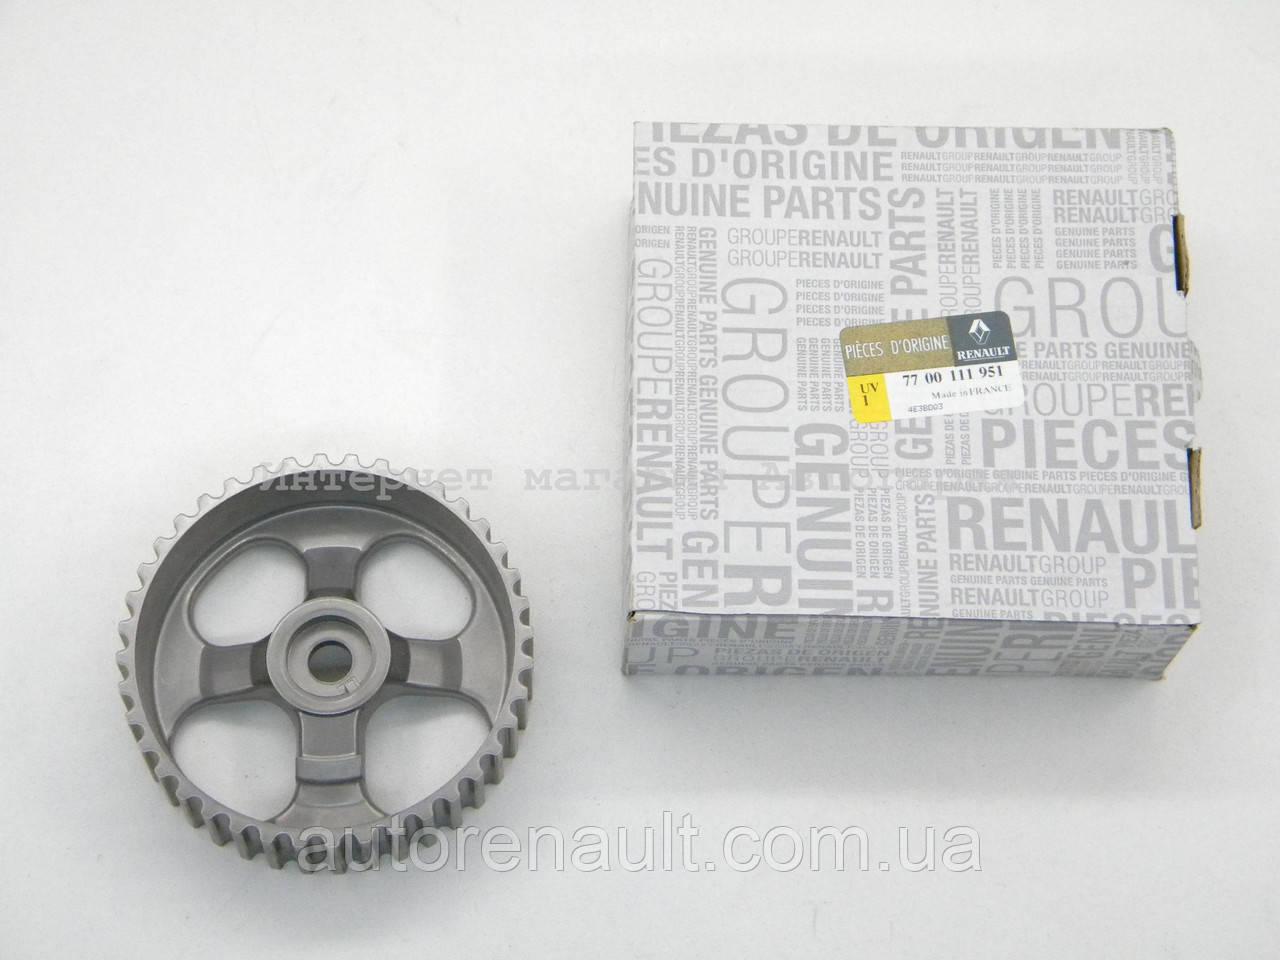 Шкив (шестерня) распредвала на Рено Трафик 01-> 1.9dCi — Renault (Оригинал) - 7700111951, фото 1